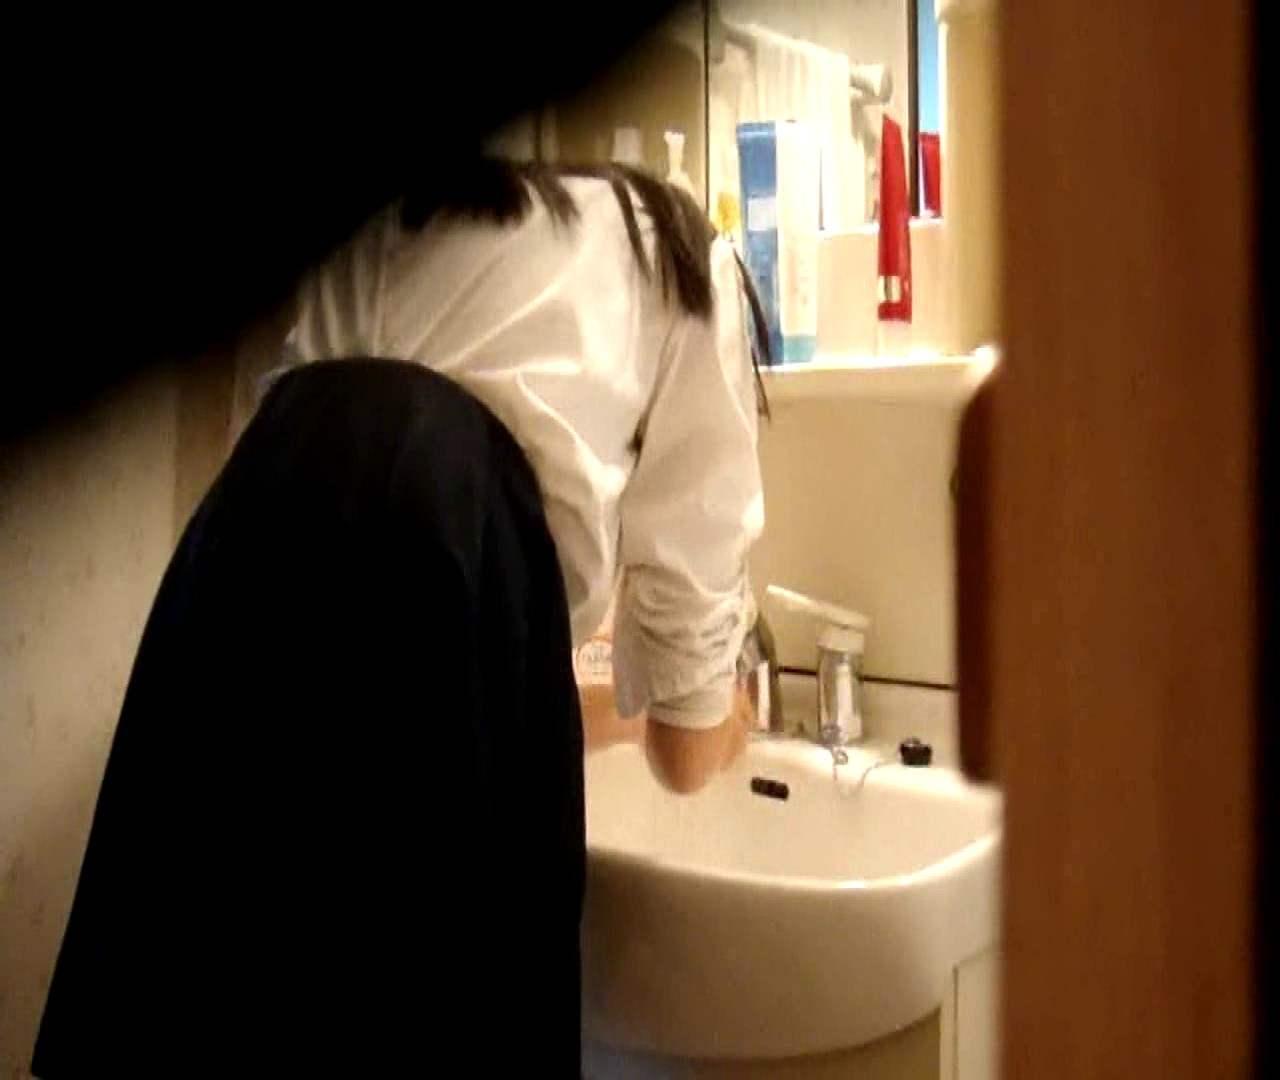 セックスアダルト動画 vol.5 まどかが帰宅後の洗顔後にブラを洗ってます。 怪盗ジョーカー